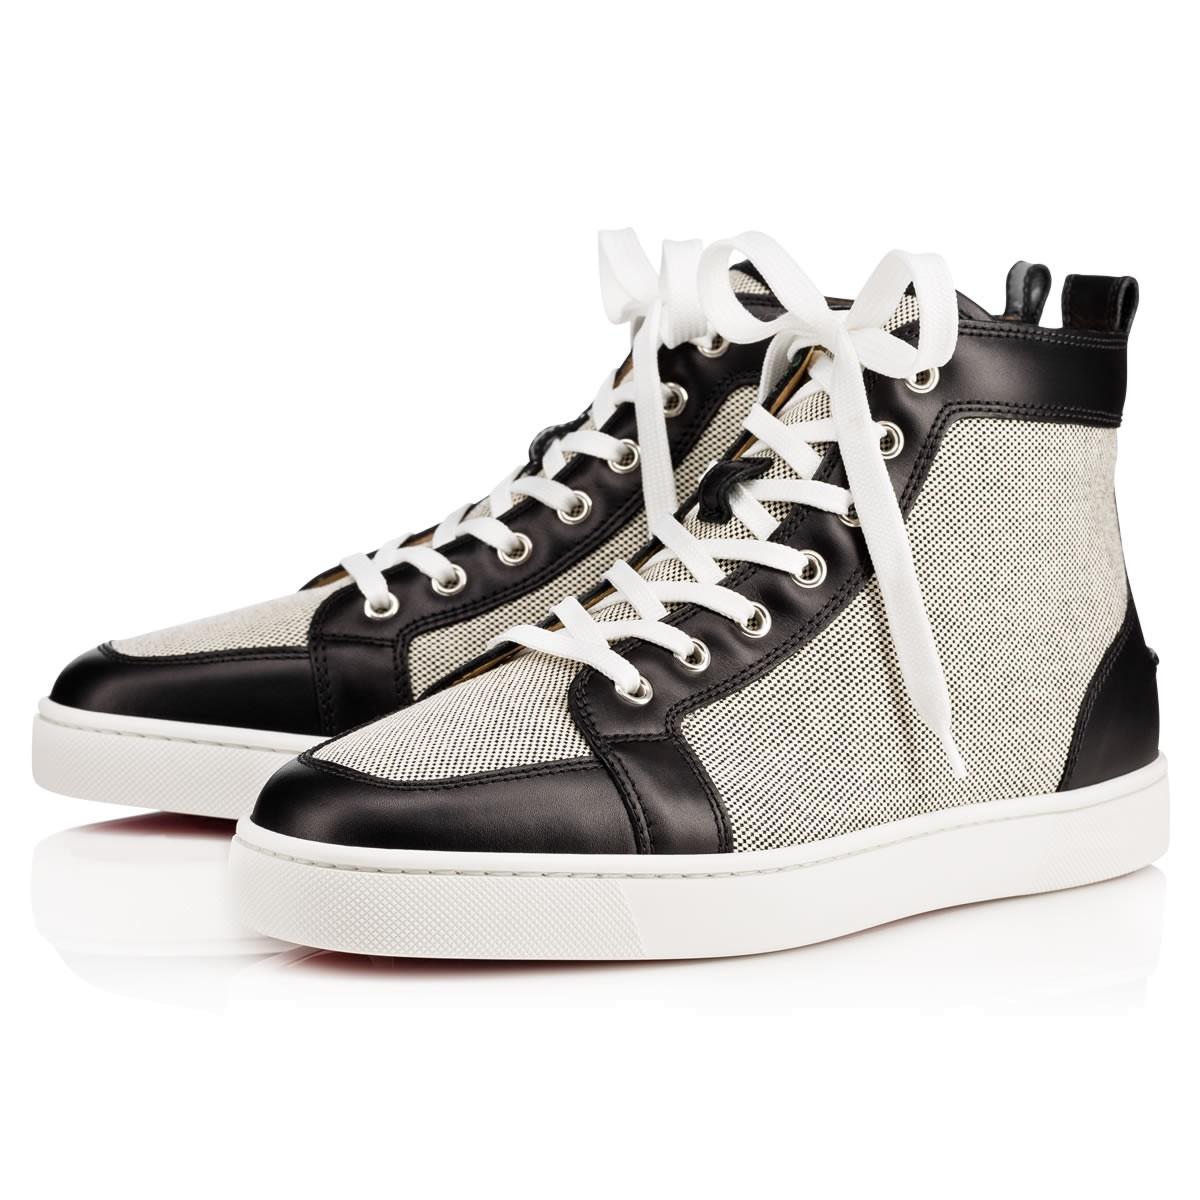 Qualité supérieure 01274 2ebc5 Louboutin sneakers homme occasion - Chaussure - lescahiersdalter